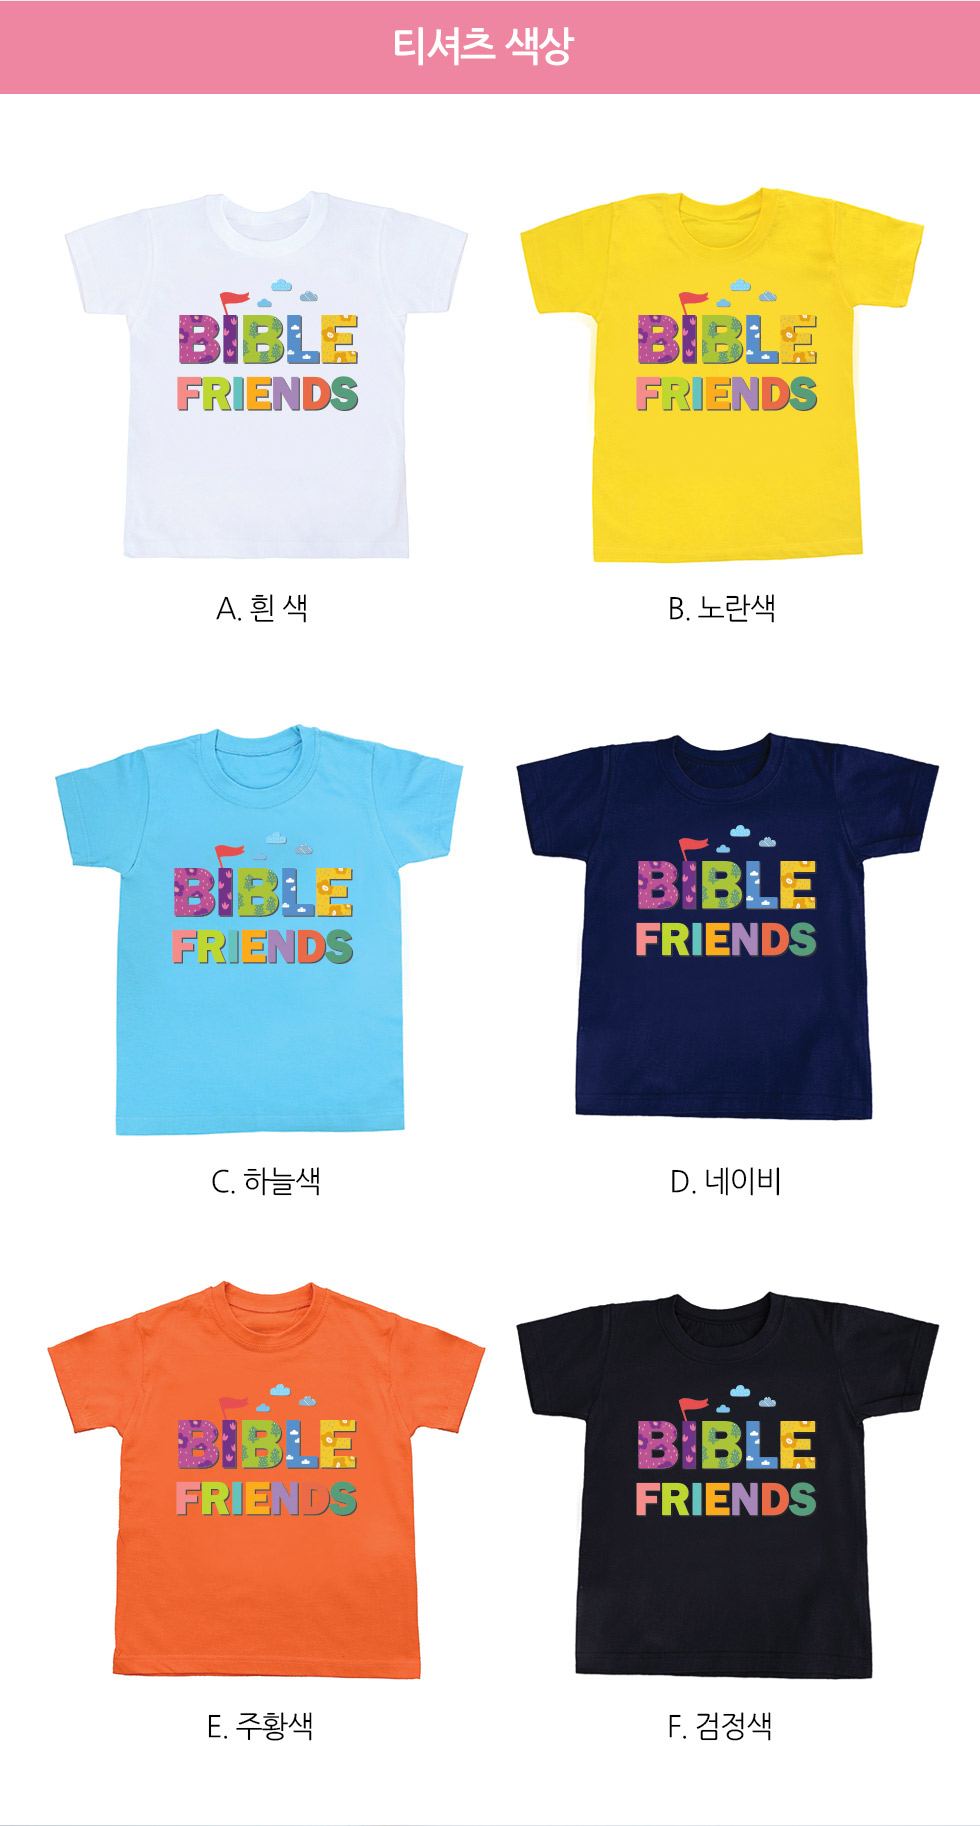 교회단체티셔츠 바이블프렌즈 아동용 색상